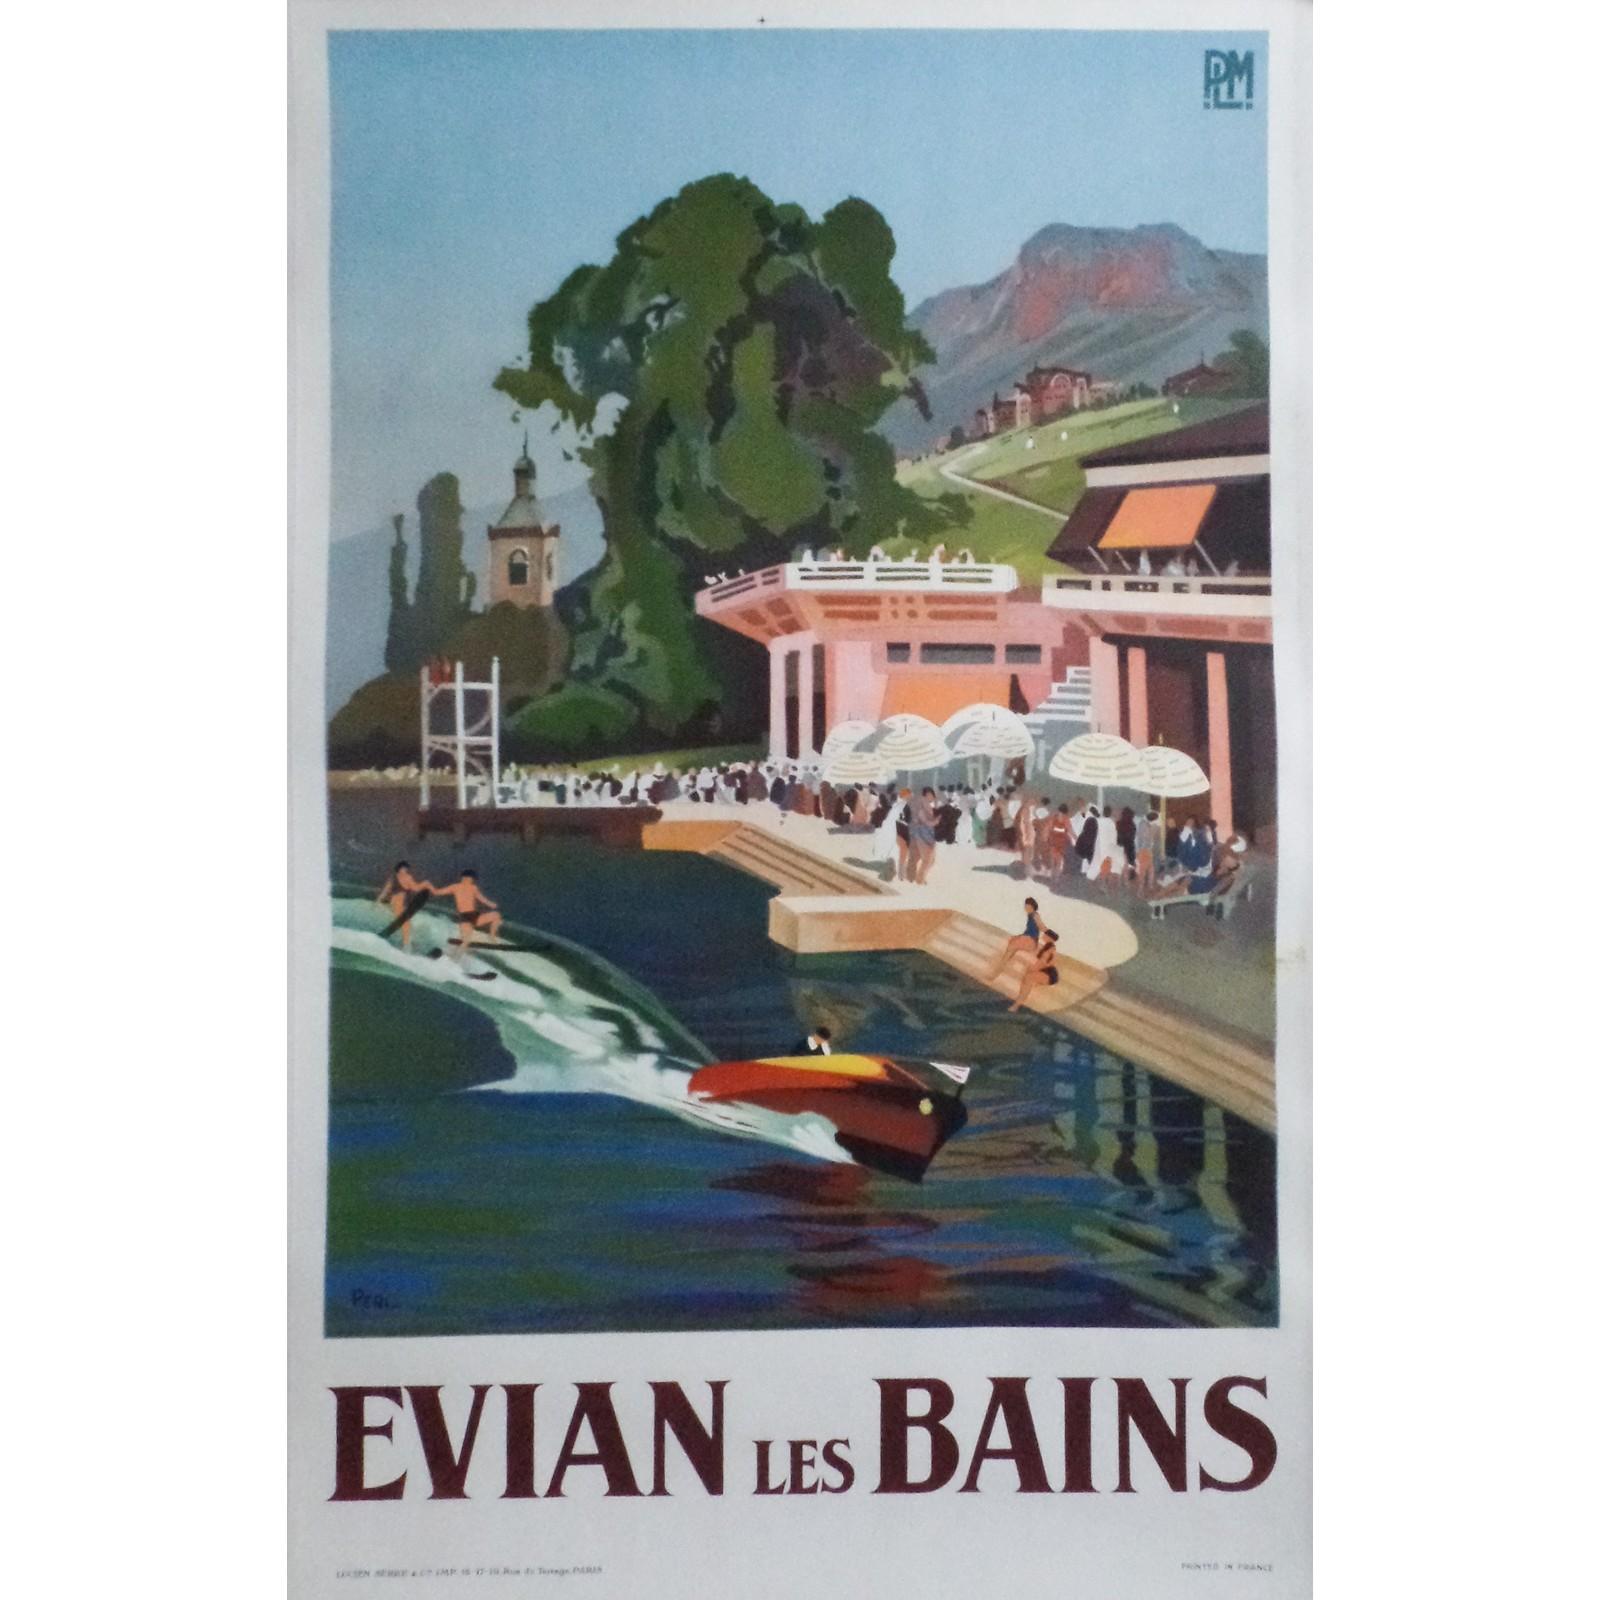 Lucien p ri evian les bains plm 1929 posters we love - Salle de sport evian les bains ...